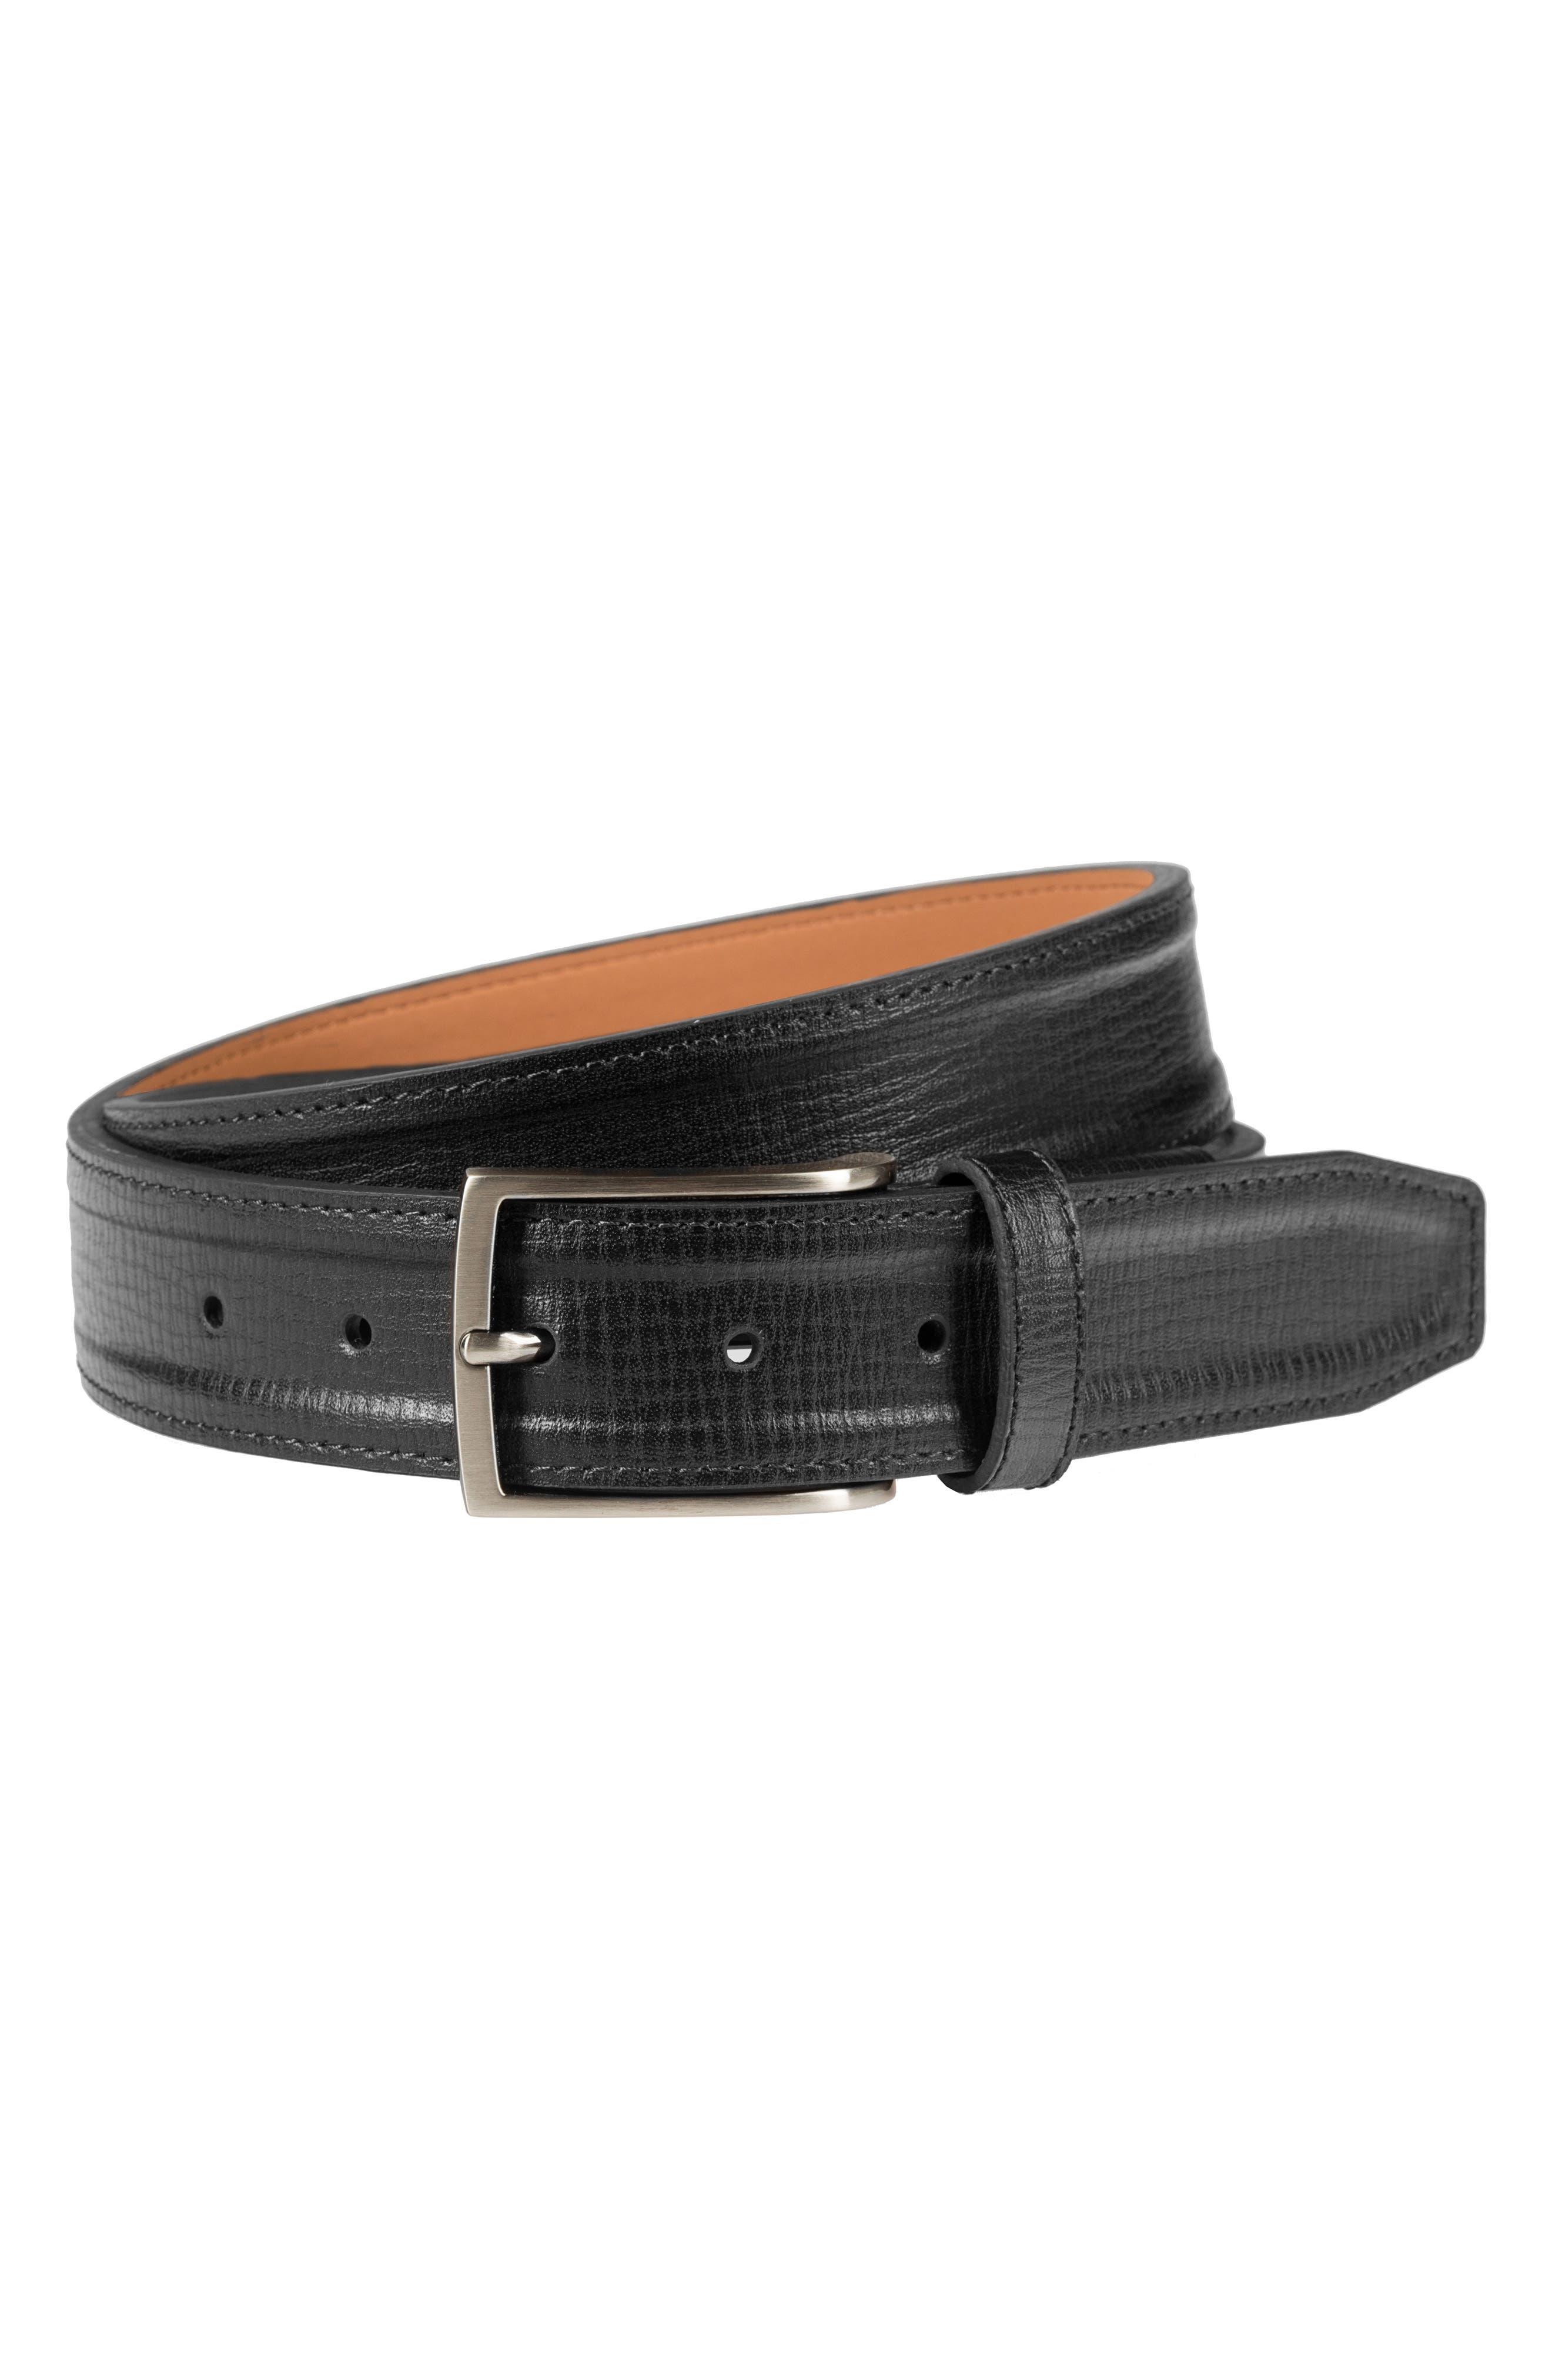 Trapunto G Flex Leather Belt,                             Main thumbnail 1, color,                             BLACK